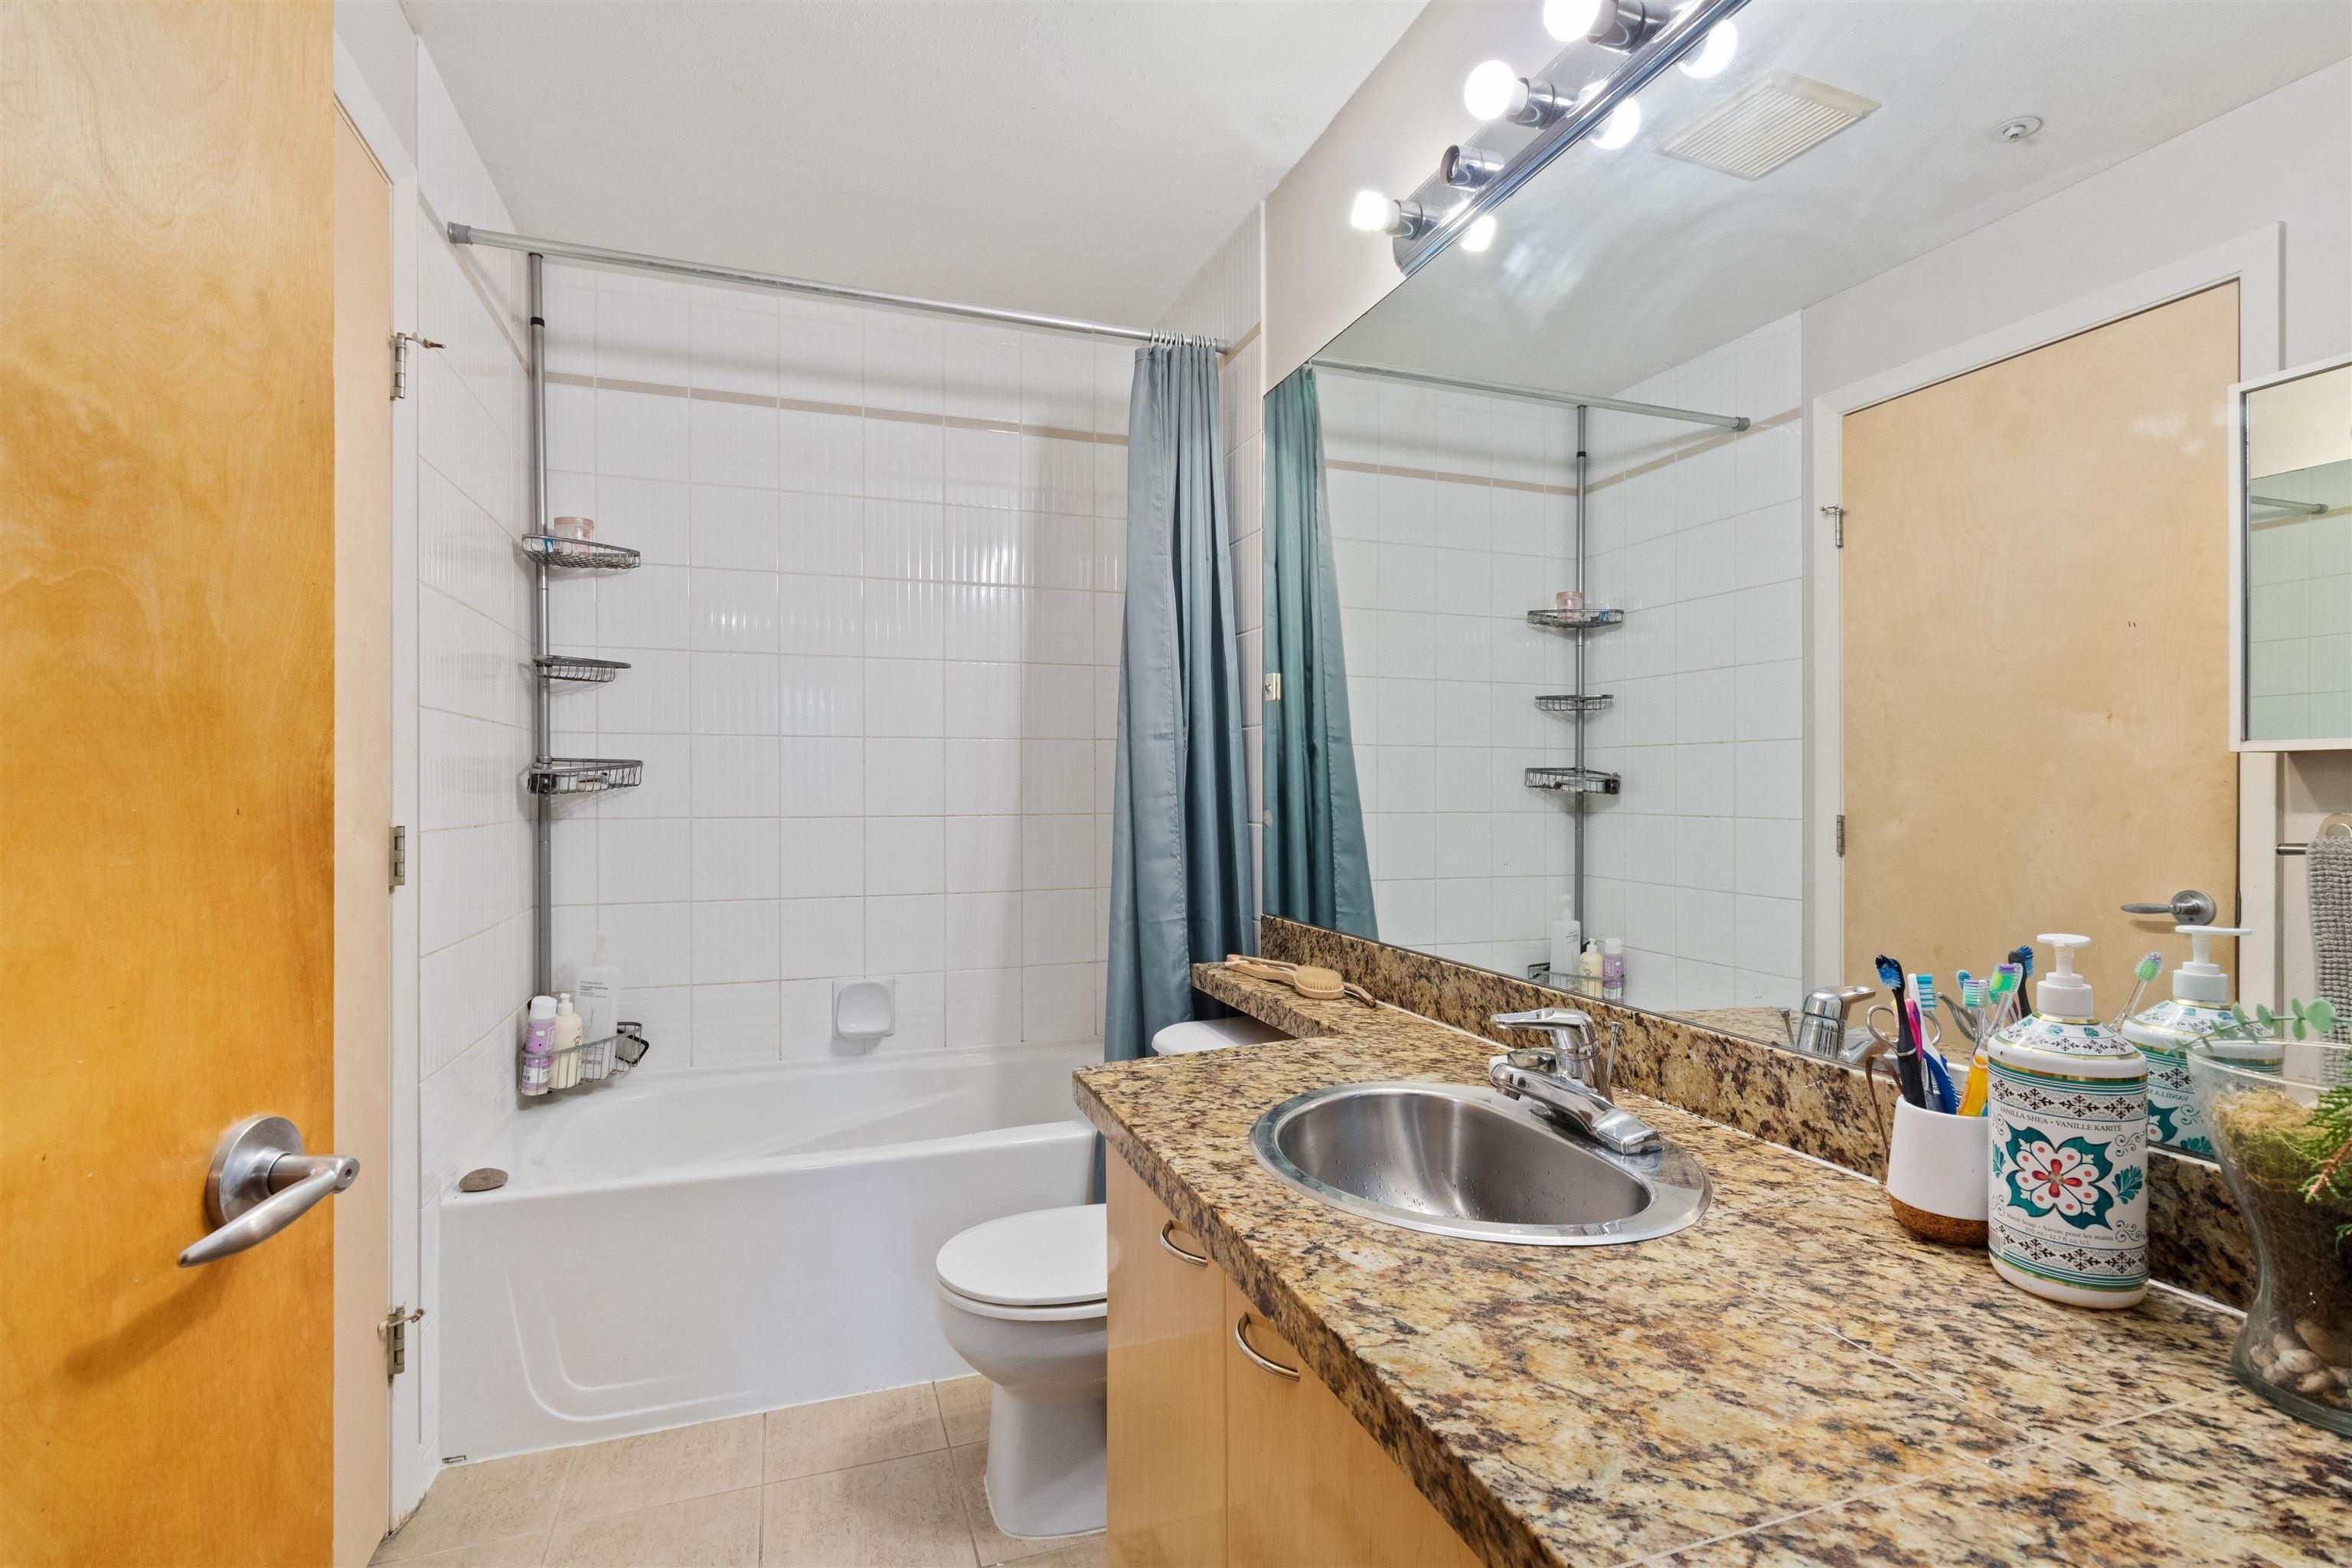 209 2228 MARSTRAND AVENUE - Kitsilano Apartment/Condo for sale, 1 Bedroom (R2617246) - #13